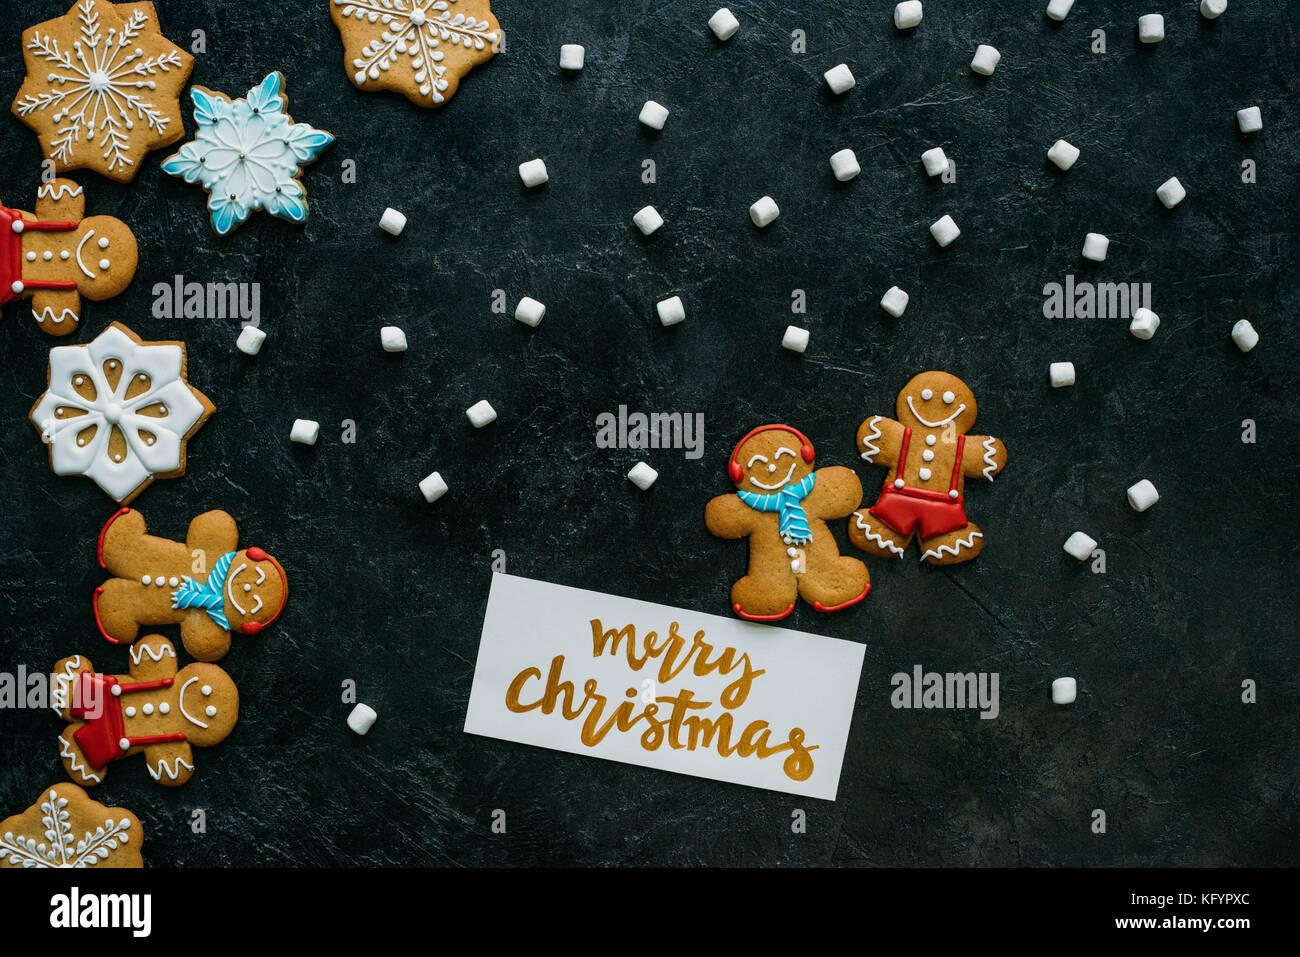 Weihnachten Lebkuchen, Marshmallows und Grußkarte Stockfoto